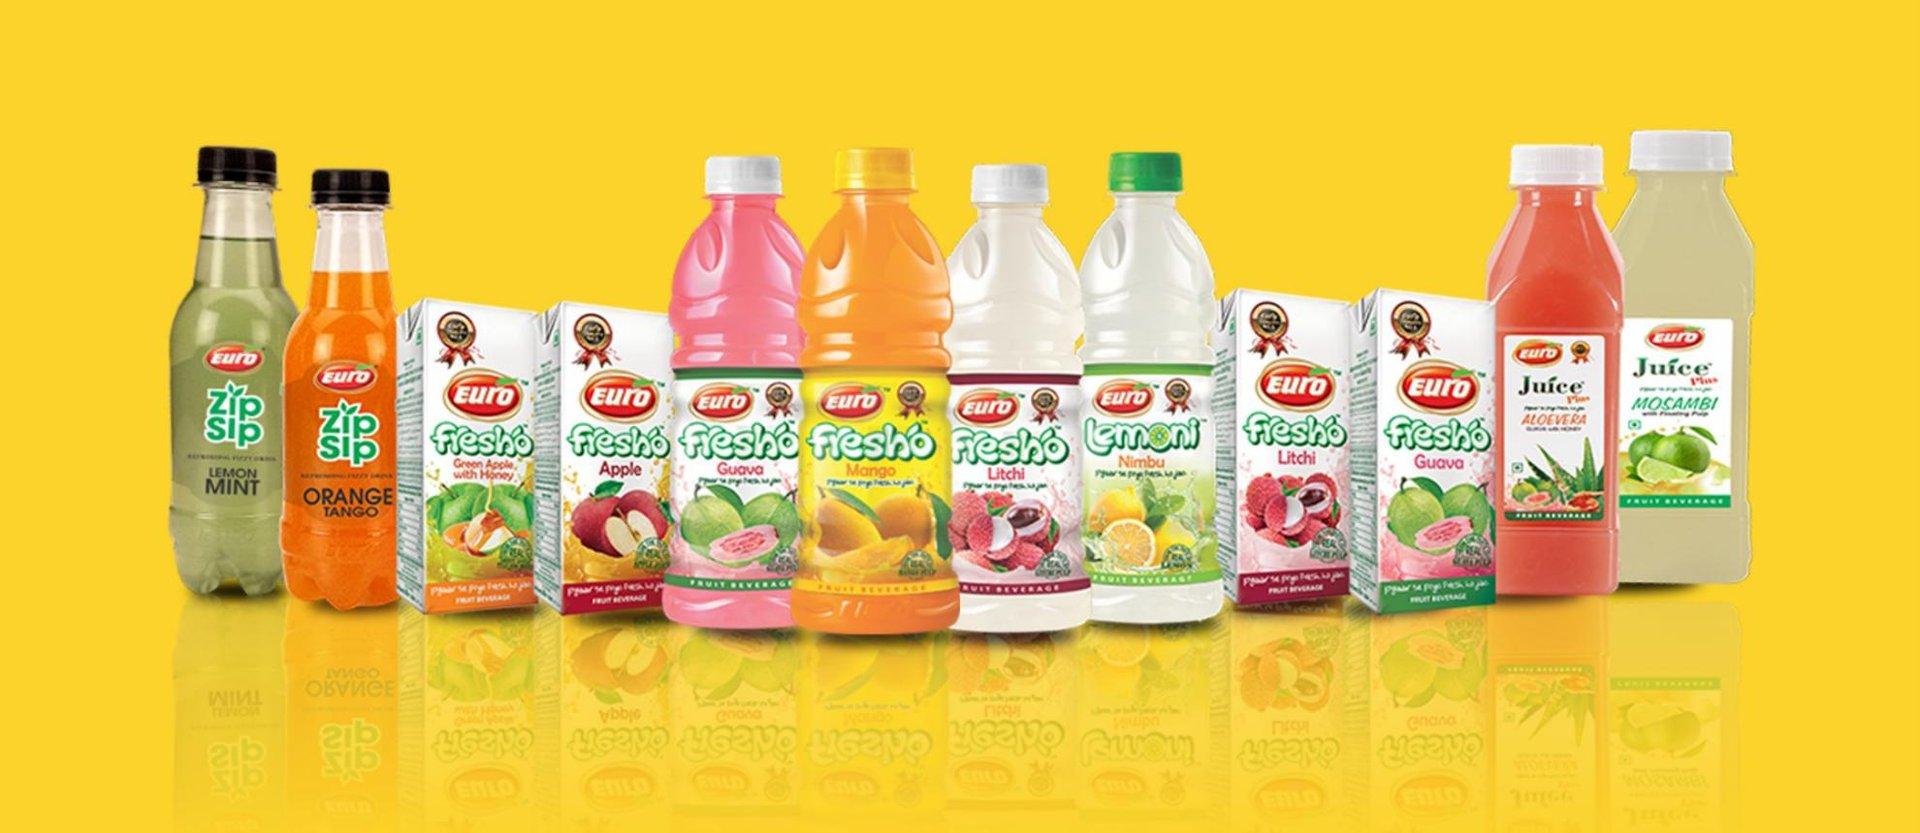 Juice and Fresho